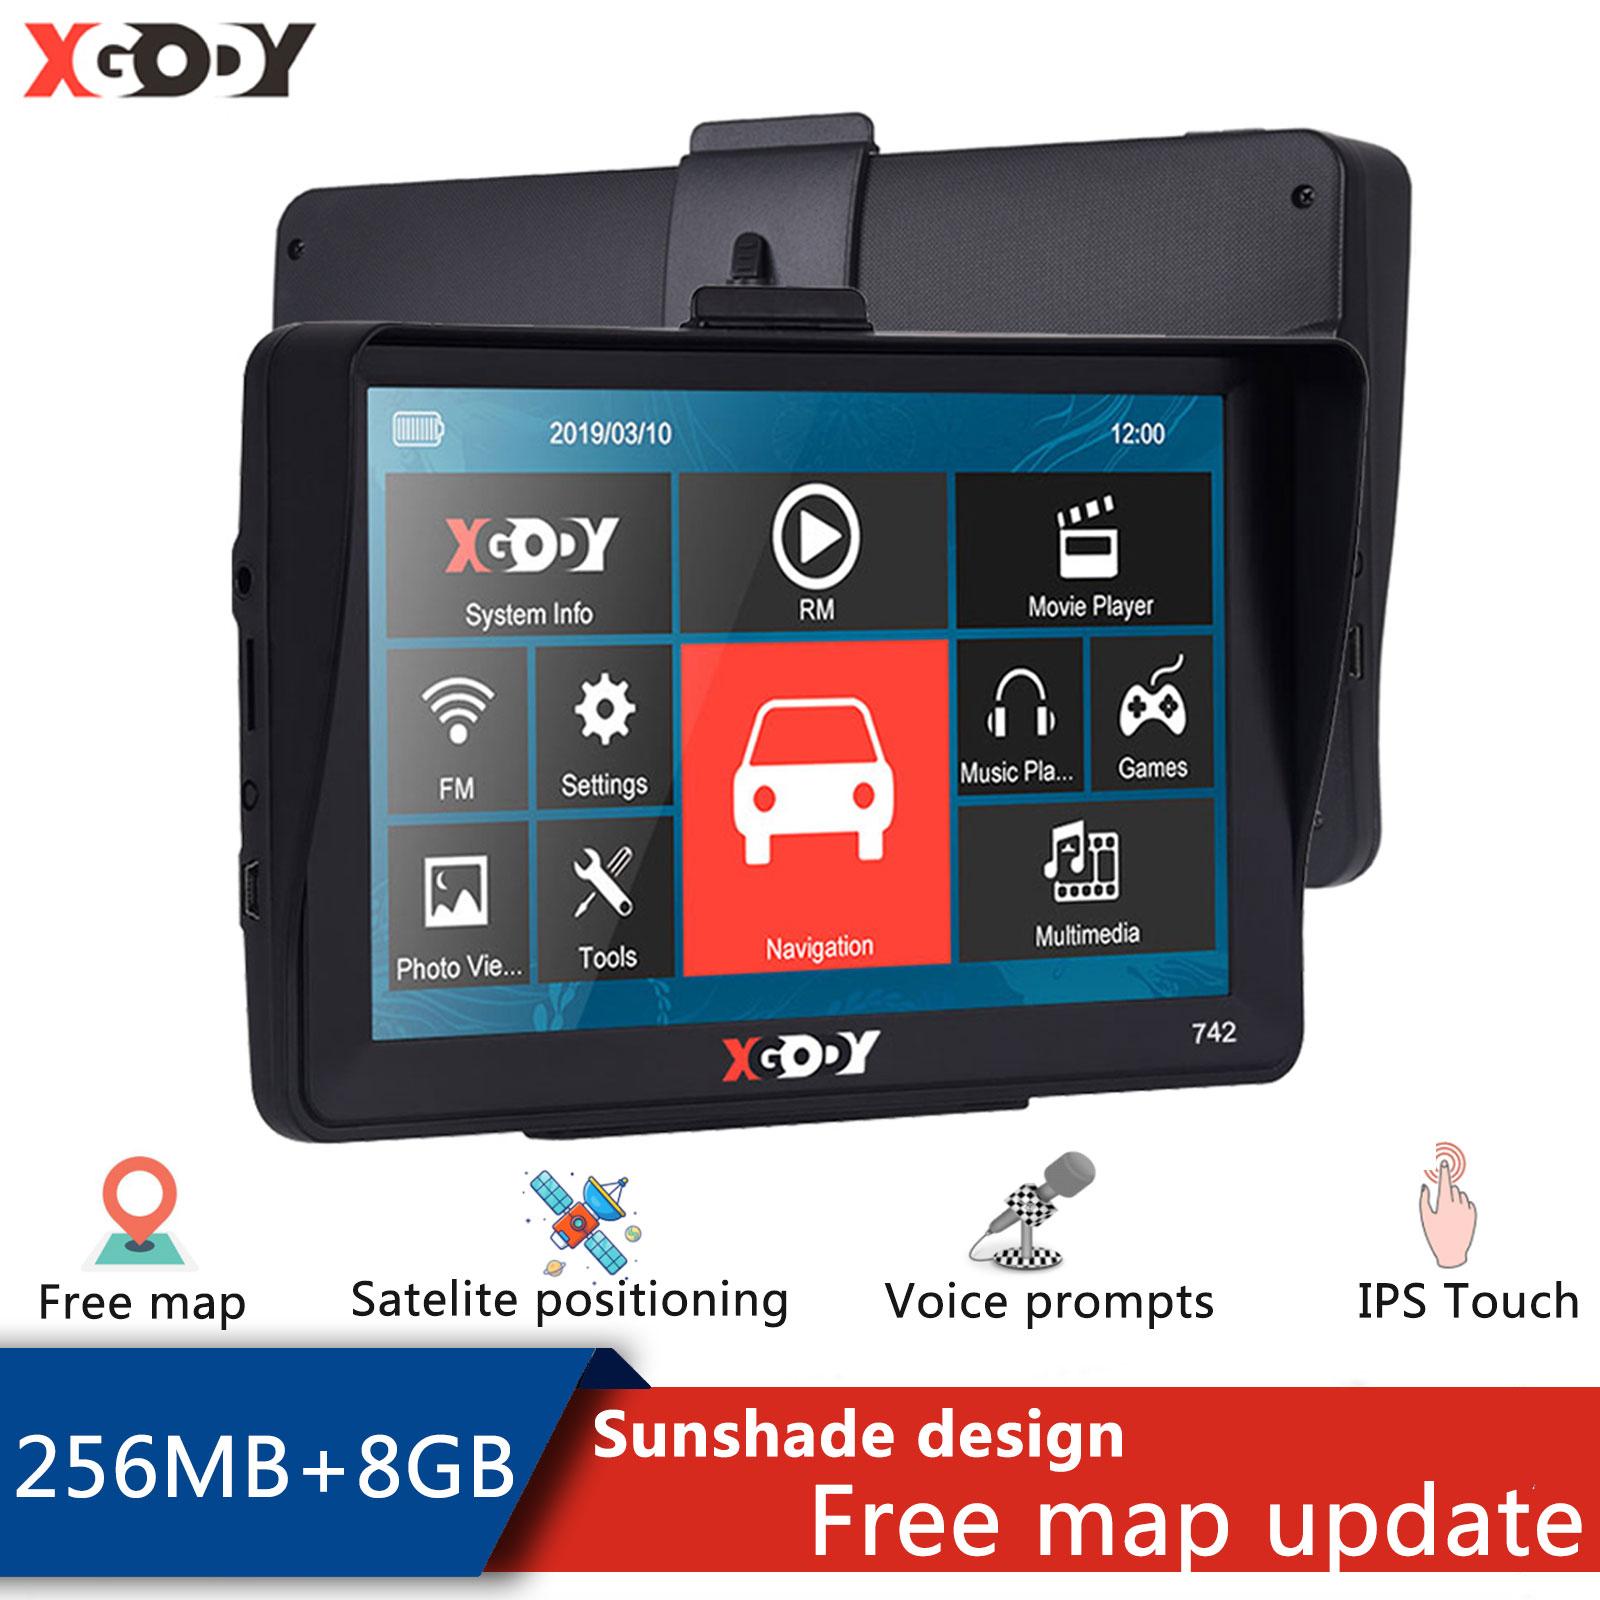 Xgody автомобиля GPS навигации 7 дюймов для грузовых автомобилей, GPS автомобильный навигатор спутниковой навигации Bluetooth 256 м + 8 Гб 742 сенсорный Э...